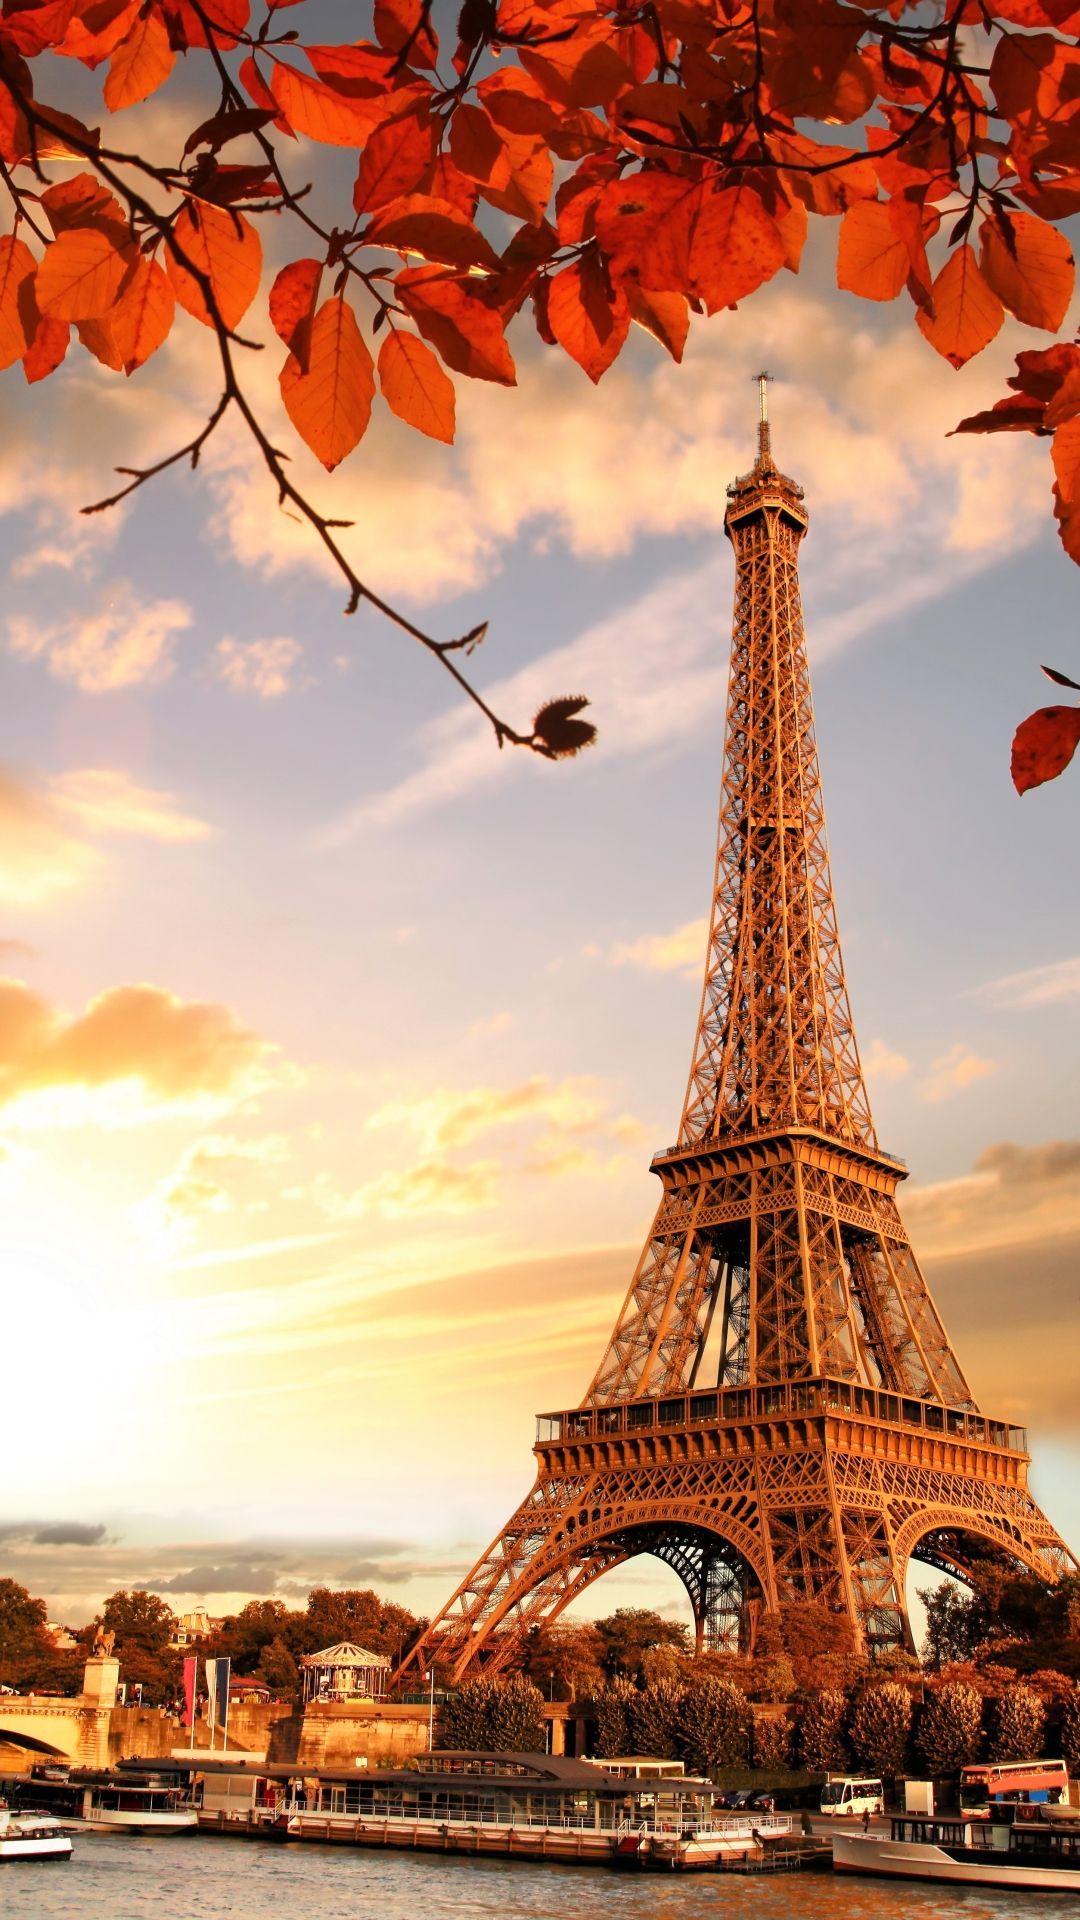 Http Mobw Org 33565 Eiffel Tower Wallpaper Sunset Html Eiffel Tower Wallpaper Sunset Paris Wallpaper Eiffel Tower Sunset Wallpaper